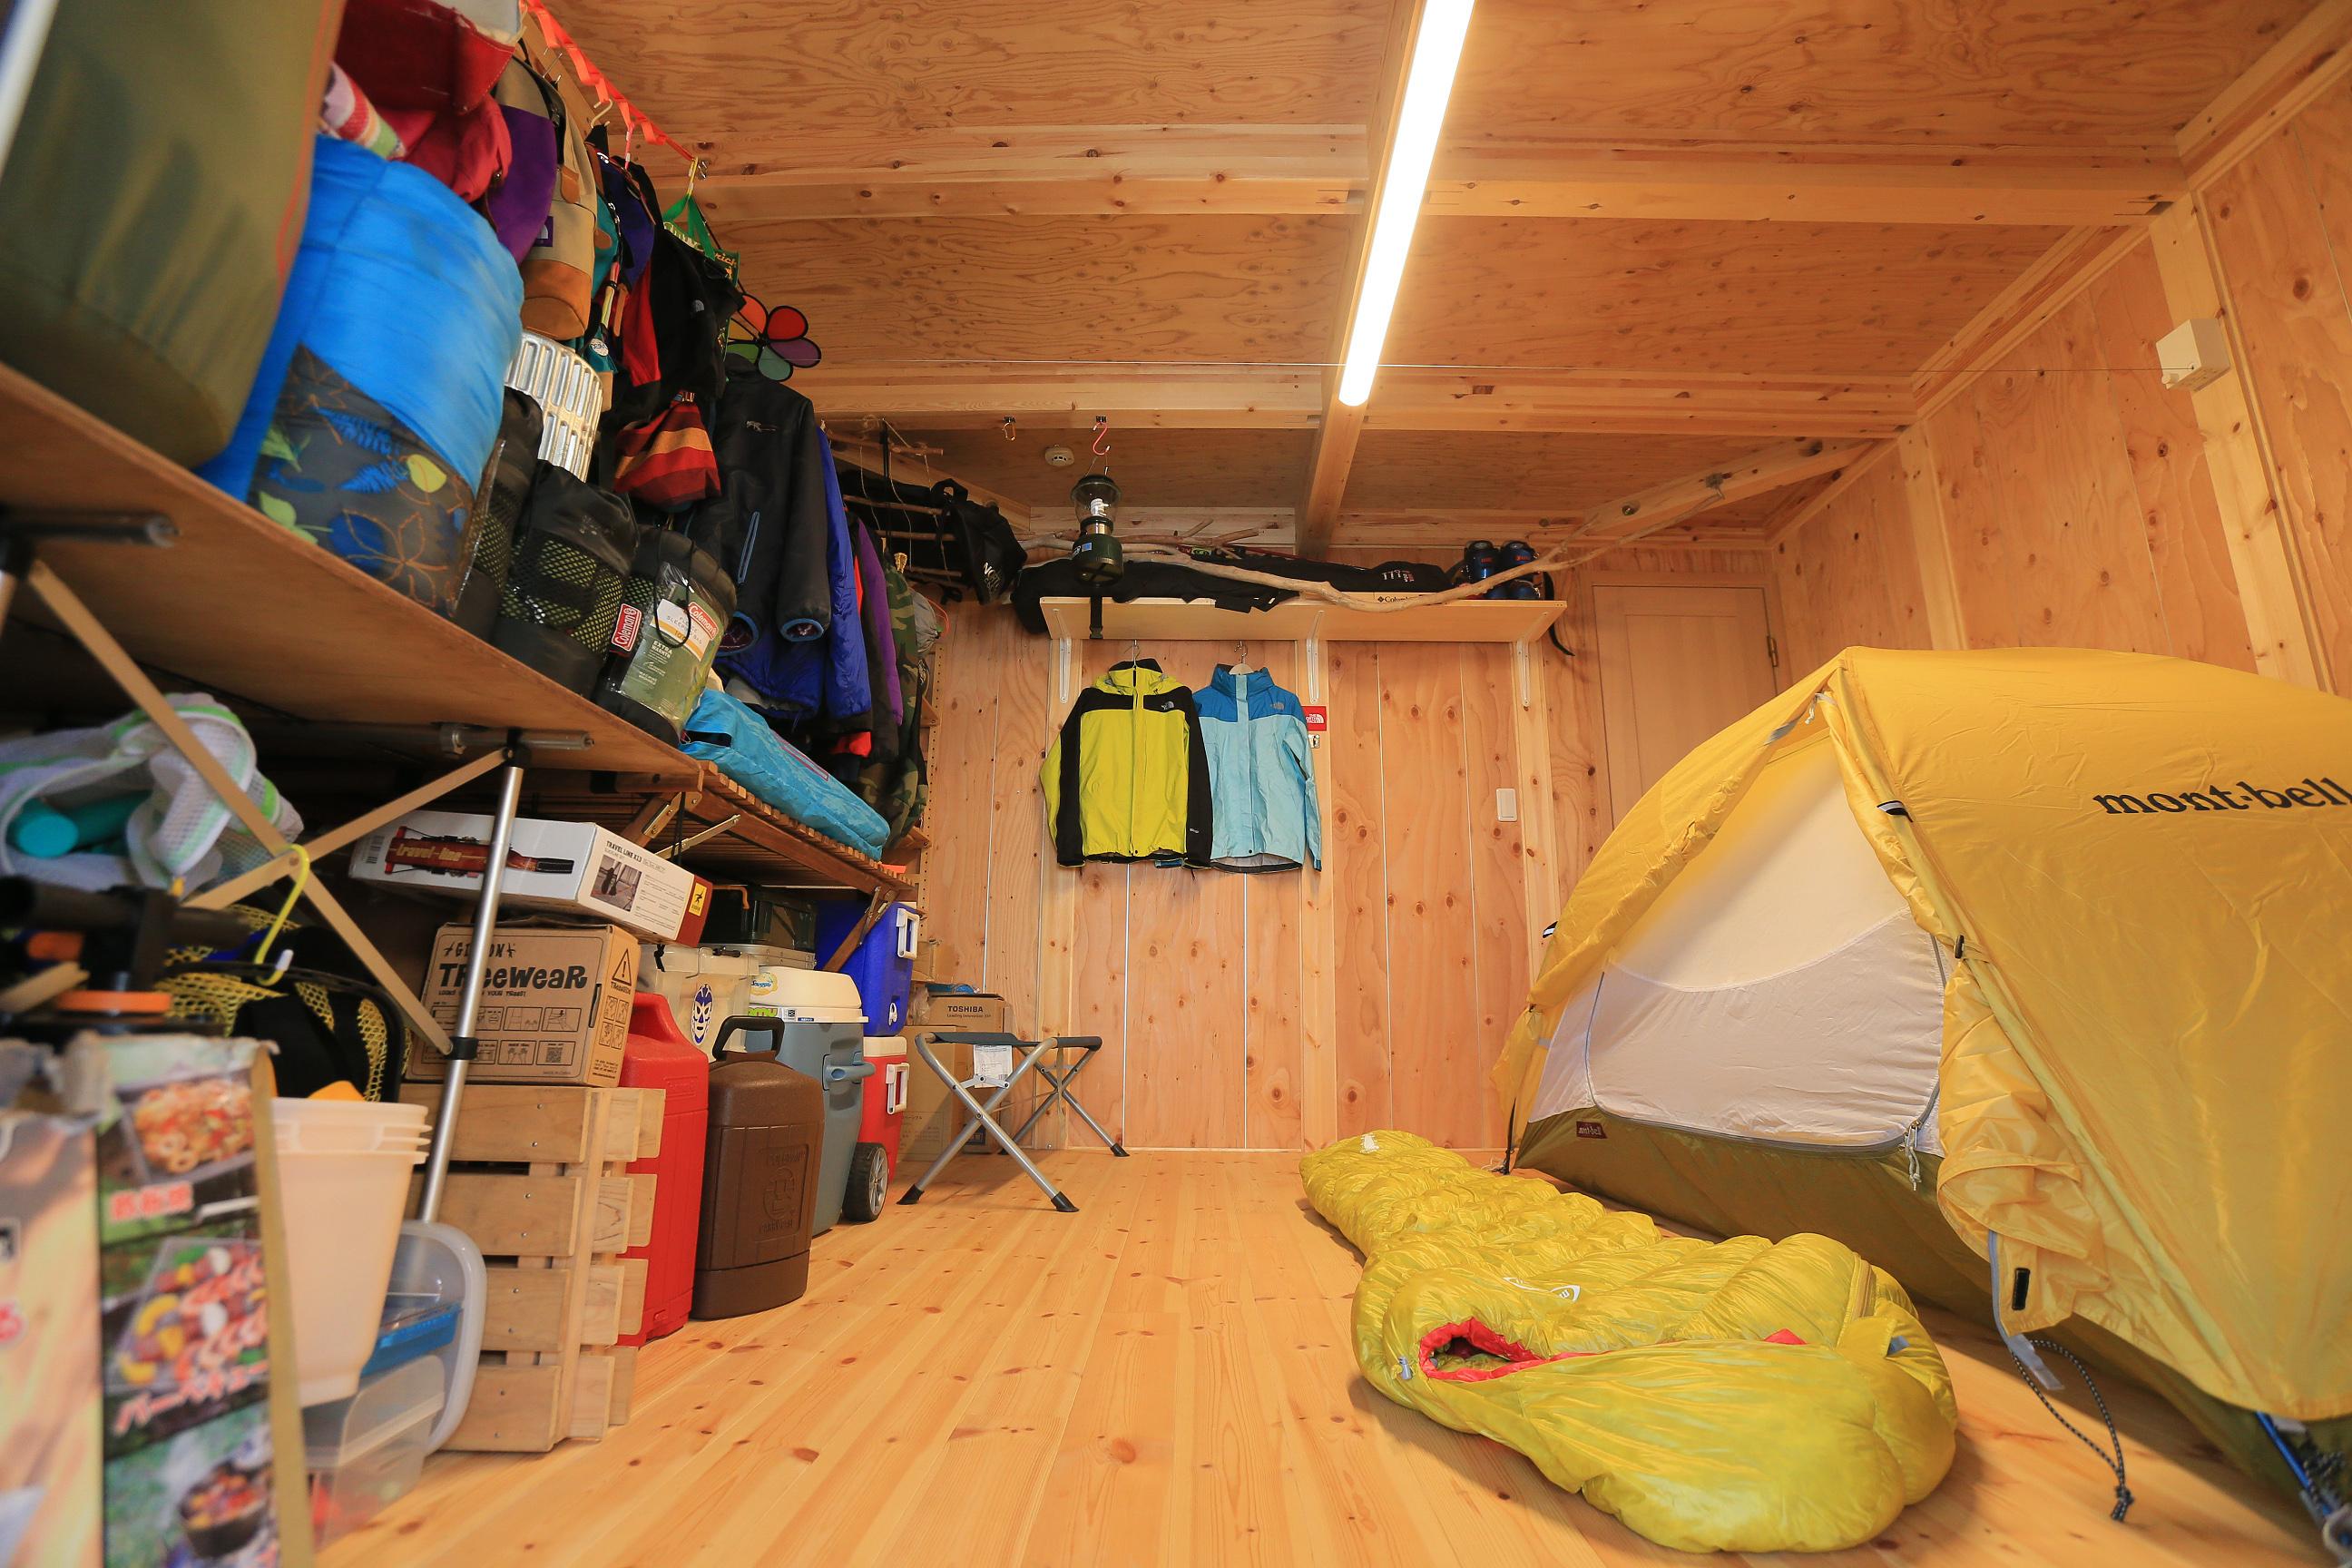 BinO志太・榛原 マルジン総建【子育て、自然素材、平屋】ご家族の趣味であるアウトドア関連の物がたくさんつまった収納スペース。テントが張れるほどの大空間